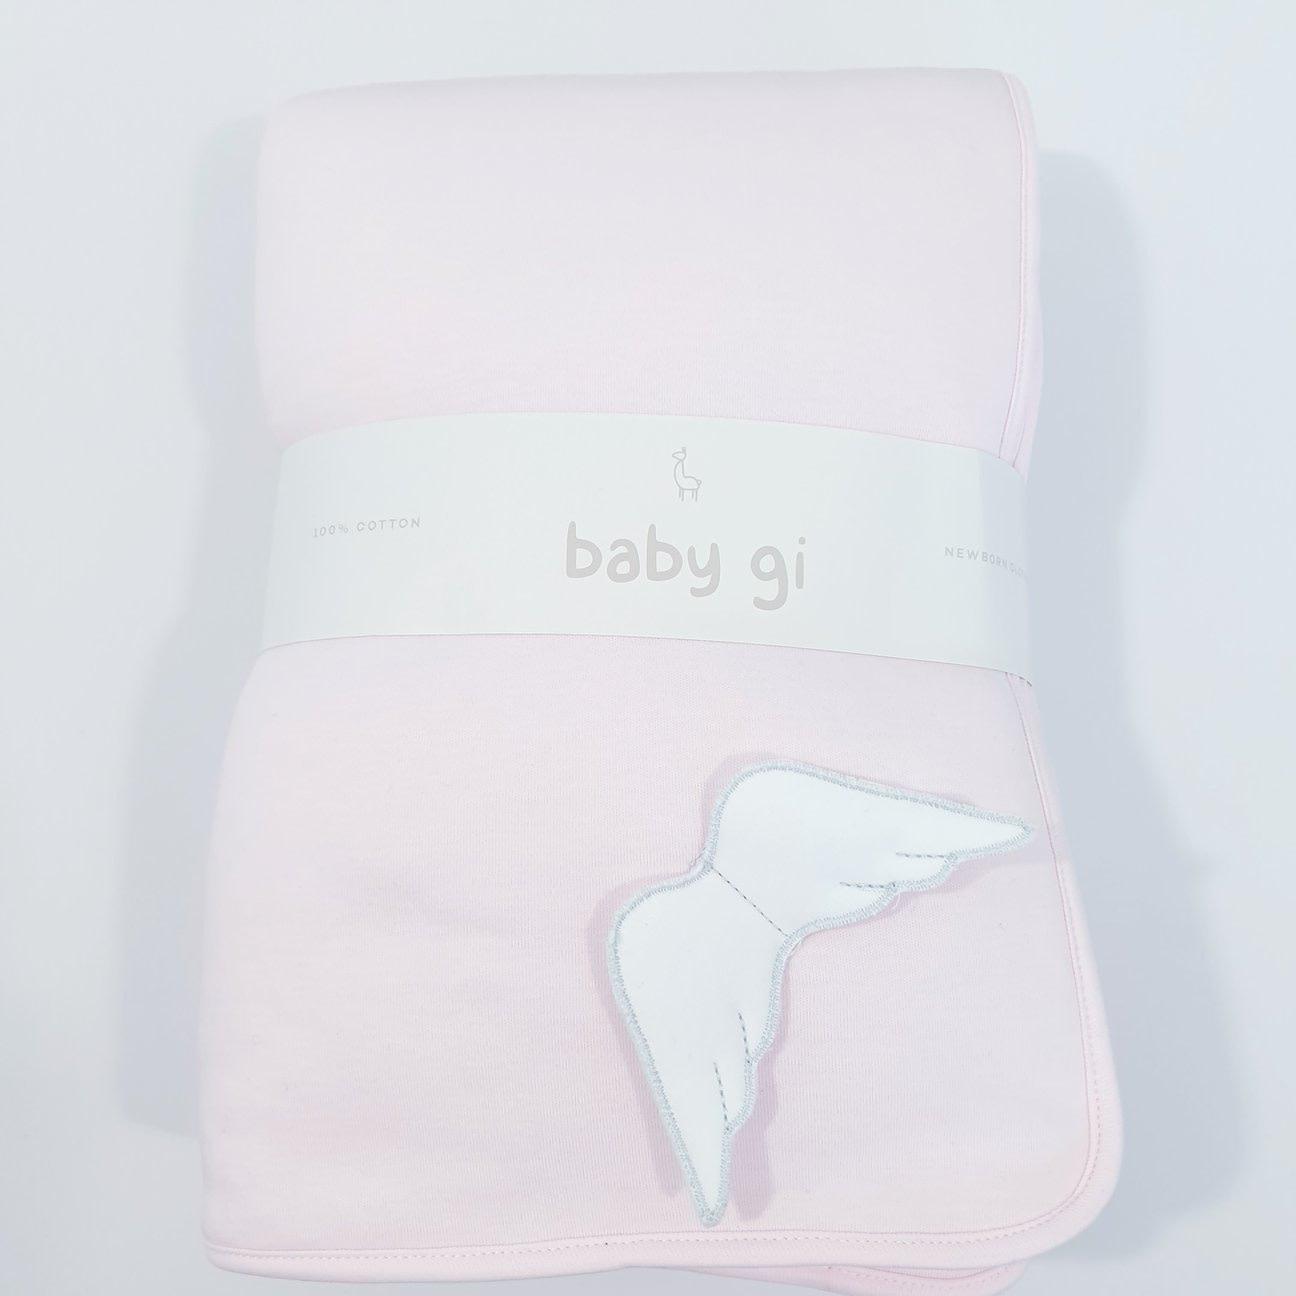 Baby gi Angel Wings Pink Blanket